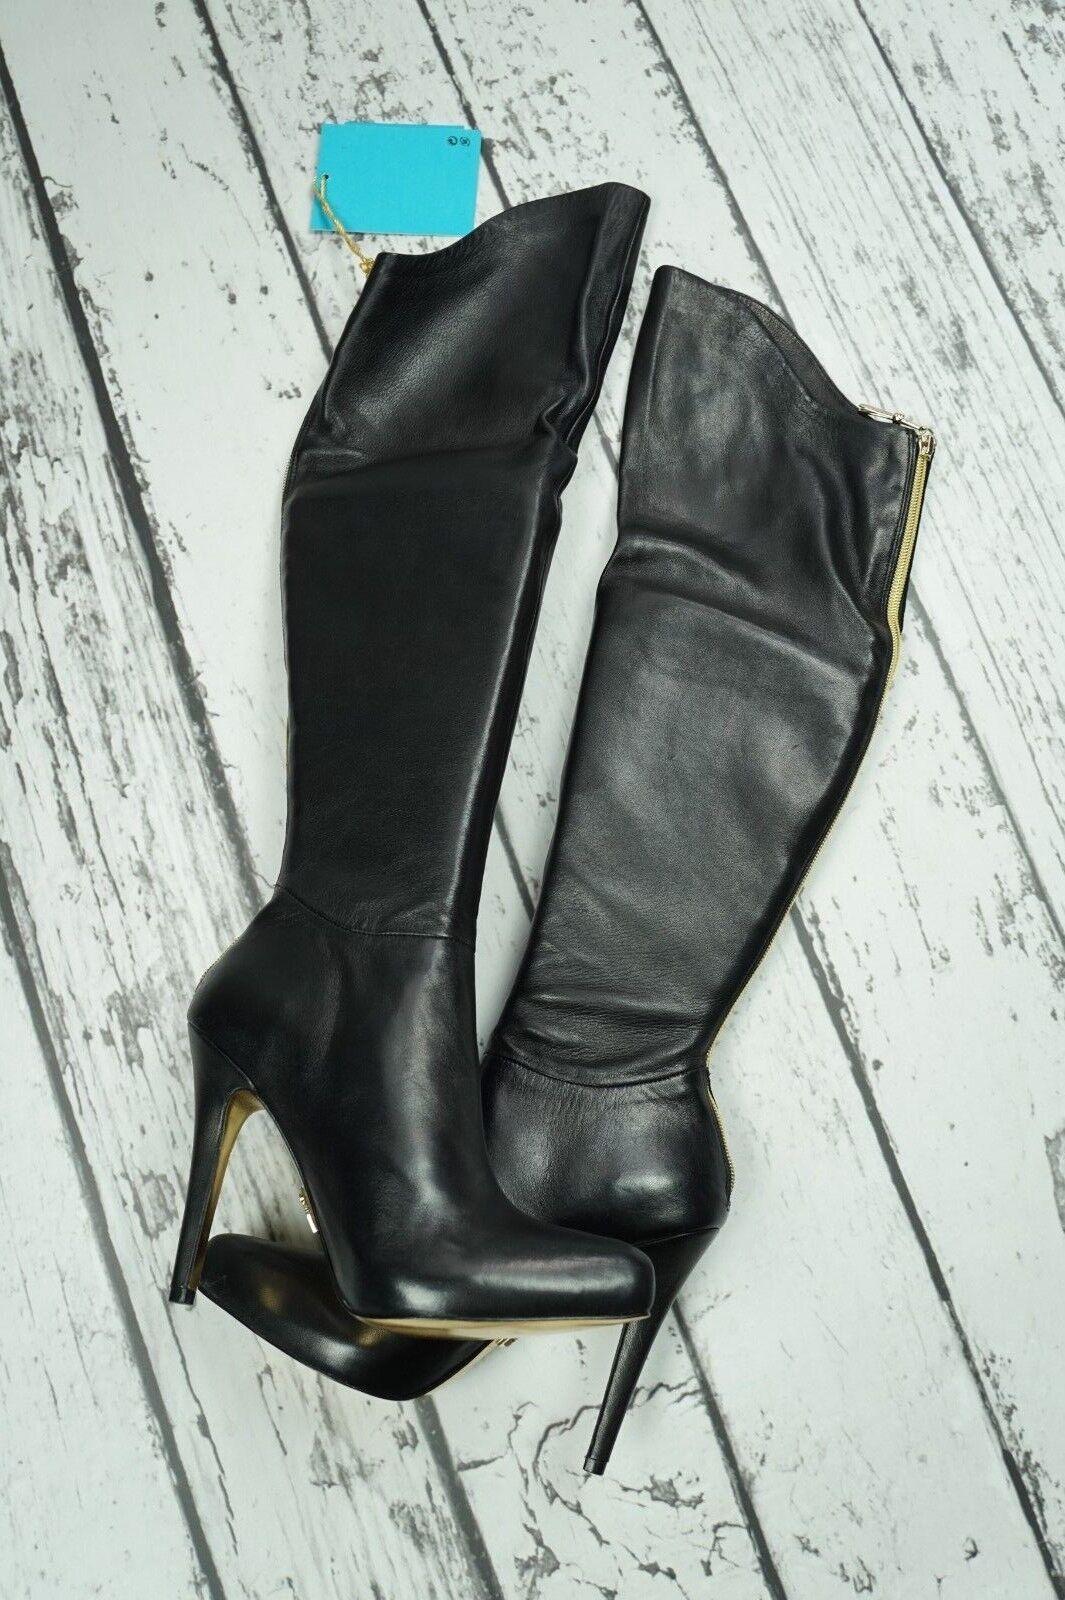 moda ANNA ANNA ANNA DELLO RUSSO H&M nero Leather The Knee stivali Overknees stivali EUR 38 US7 7  la migliore offerta del negozio online